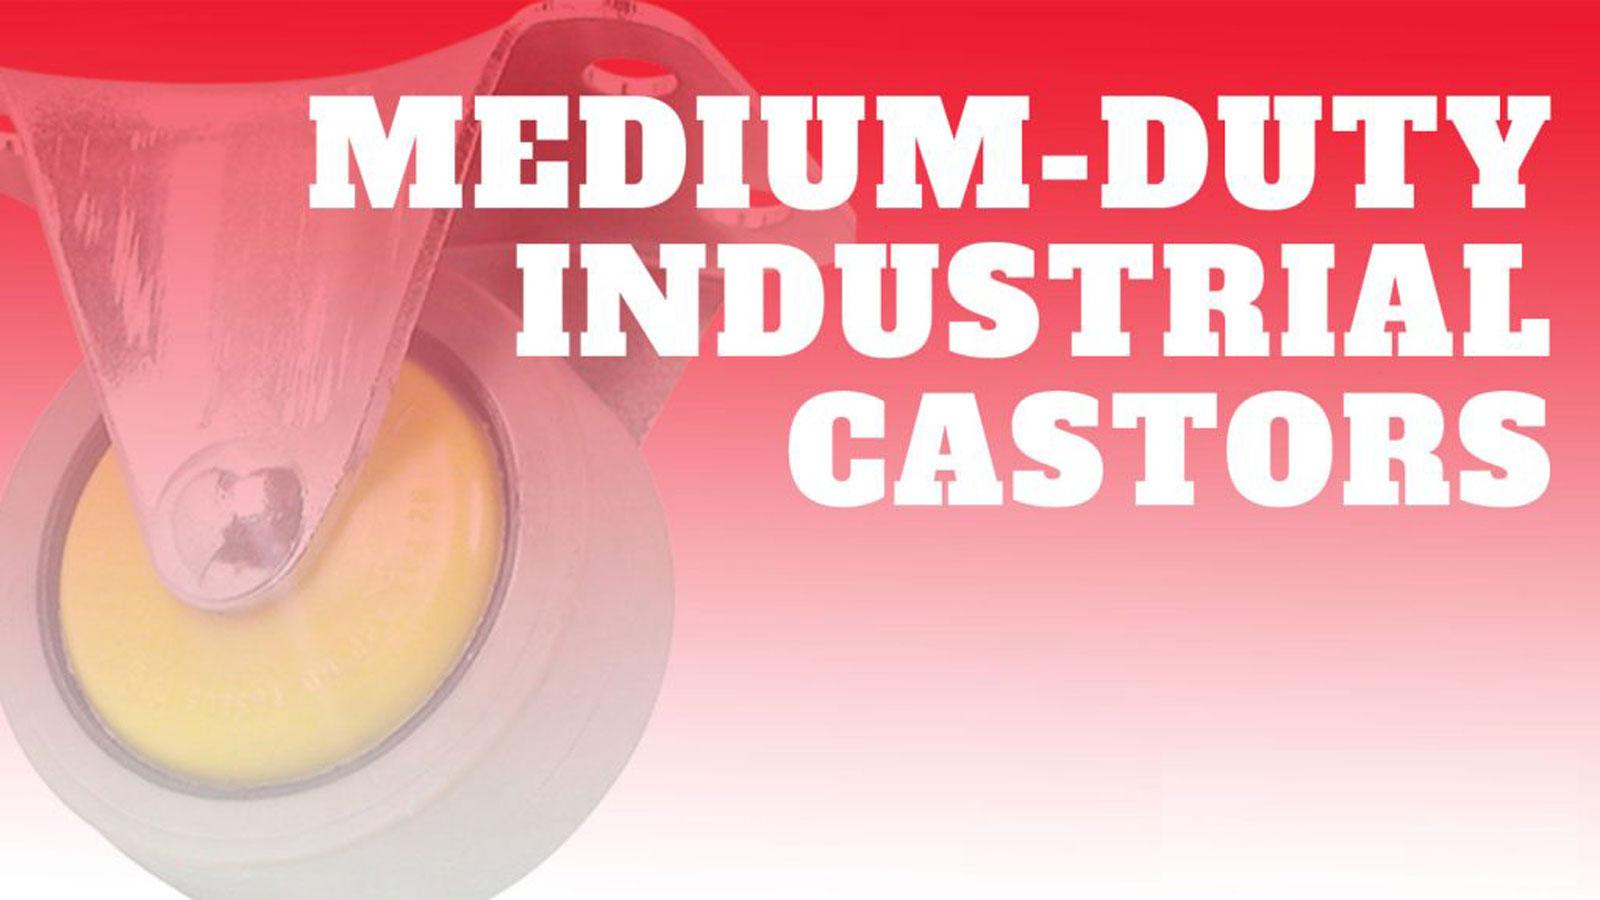 Castor-Medium-Duty-Industrial